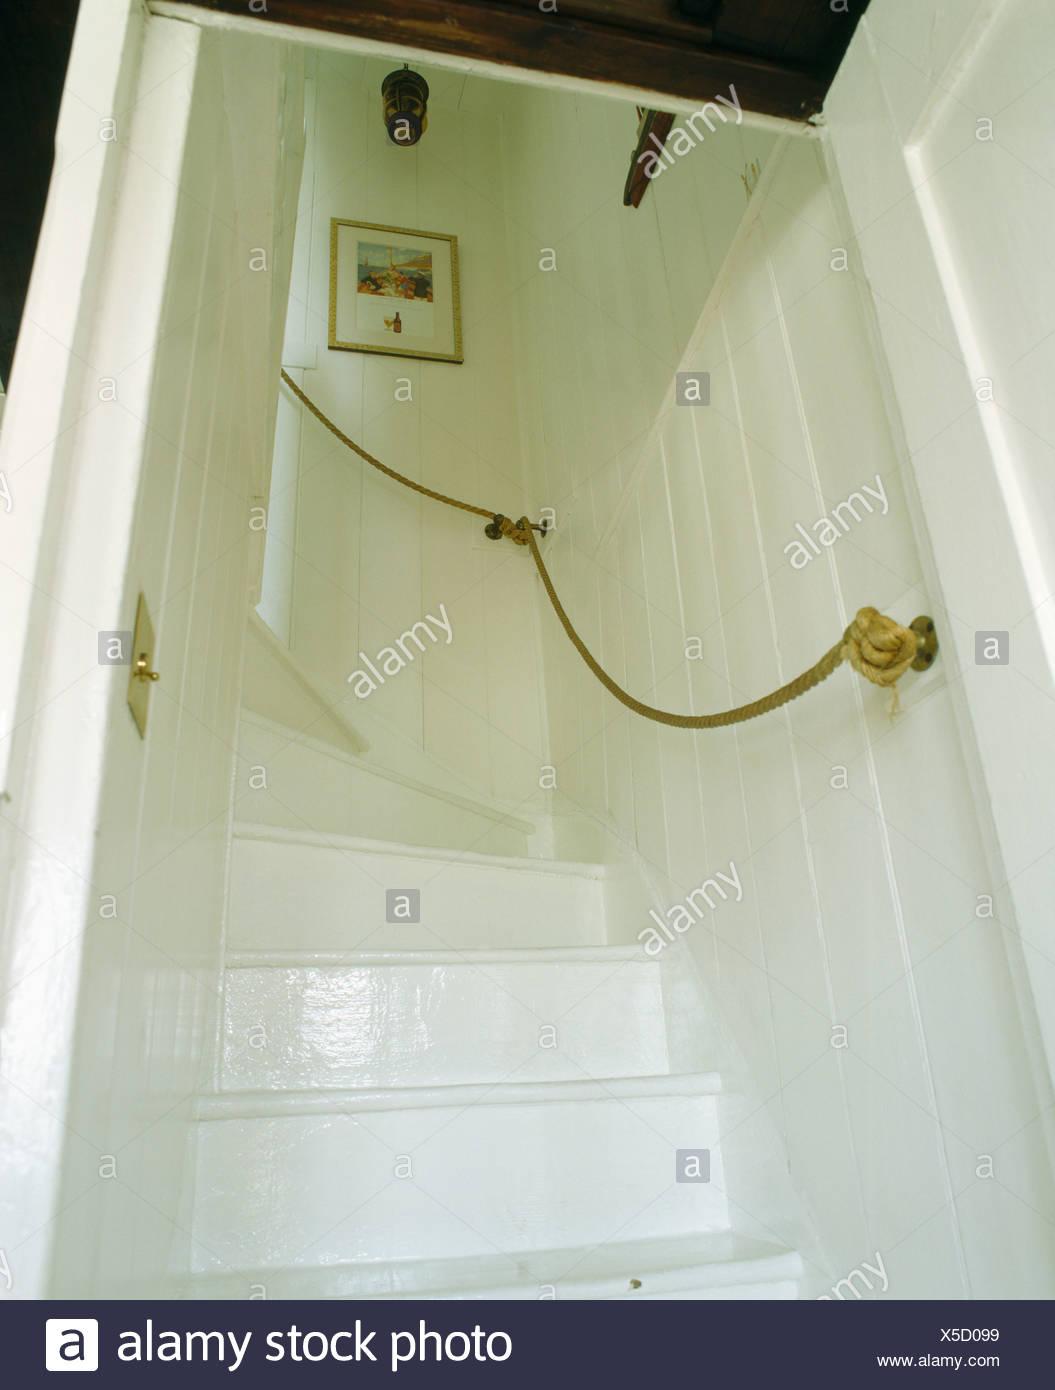 Cottage Avec Escalier Peint En Blanc Une Main Courante De La Corde Sur Le Mur Photo Stock Alamy